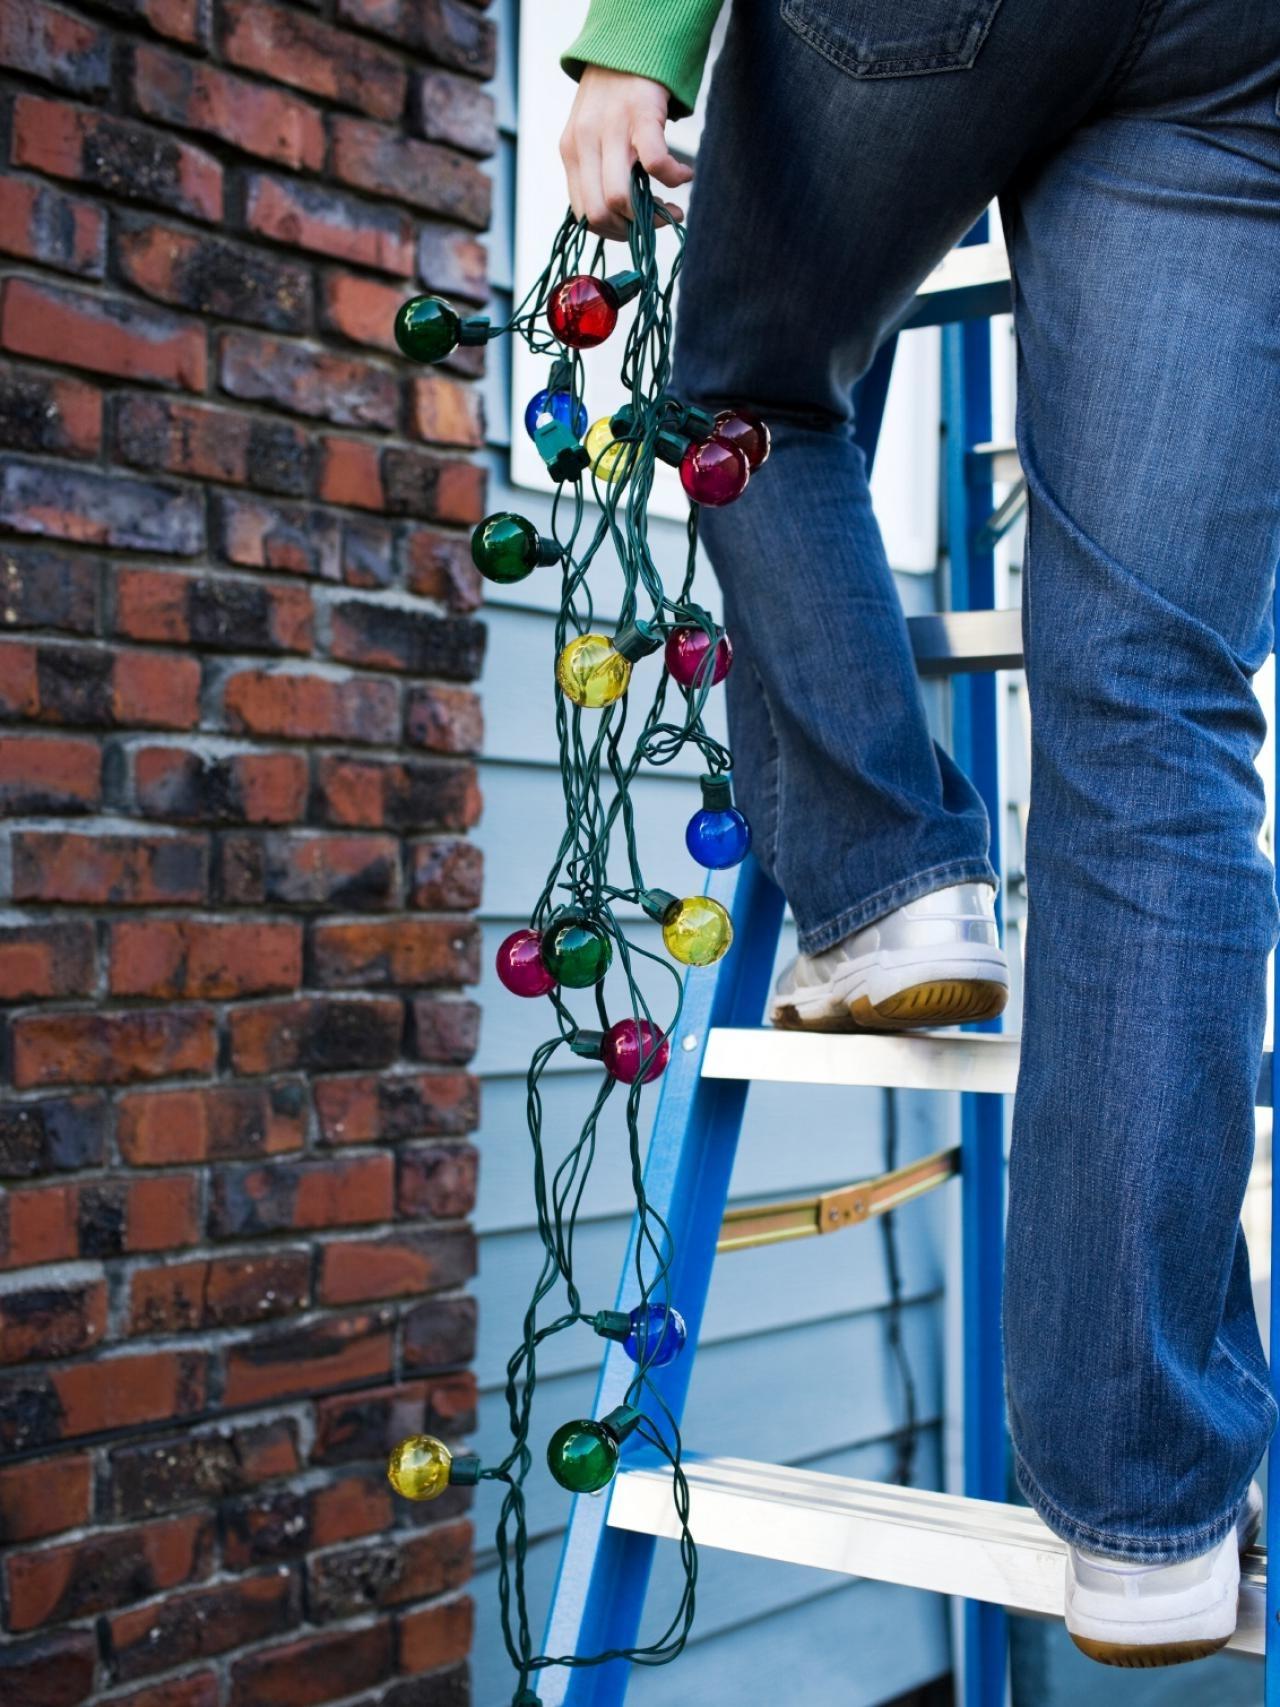 How To Hang Christmas Lights (View 7 of 20)